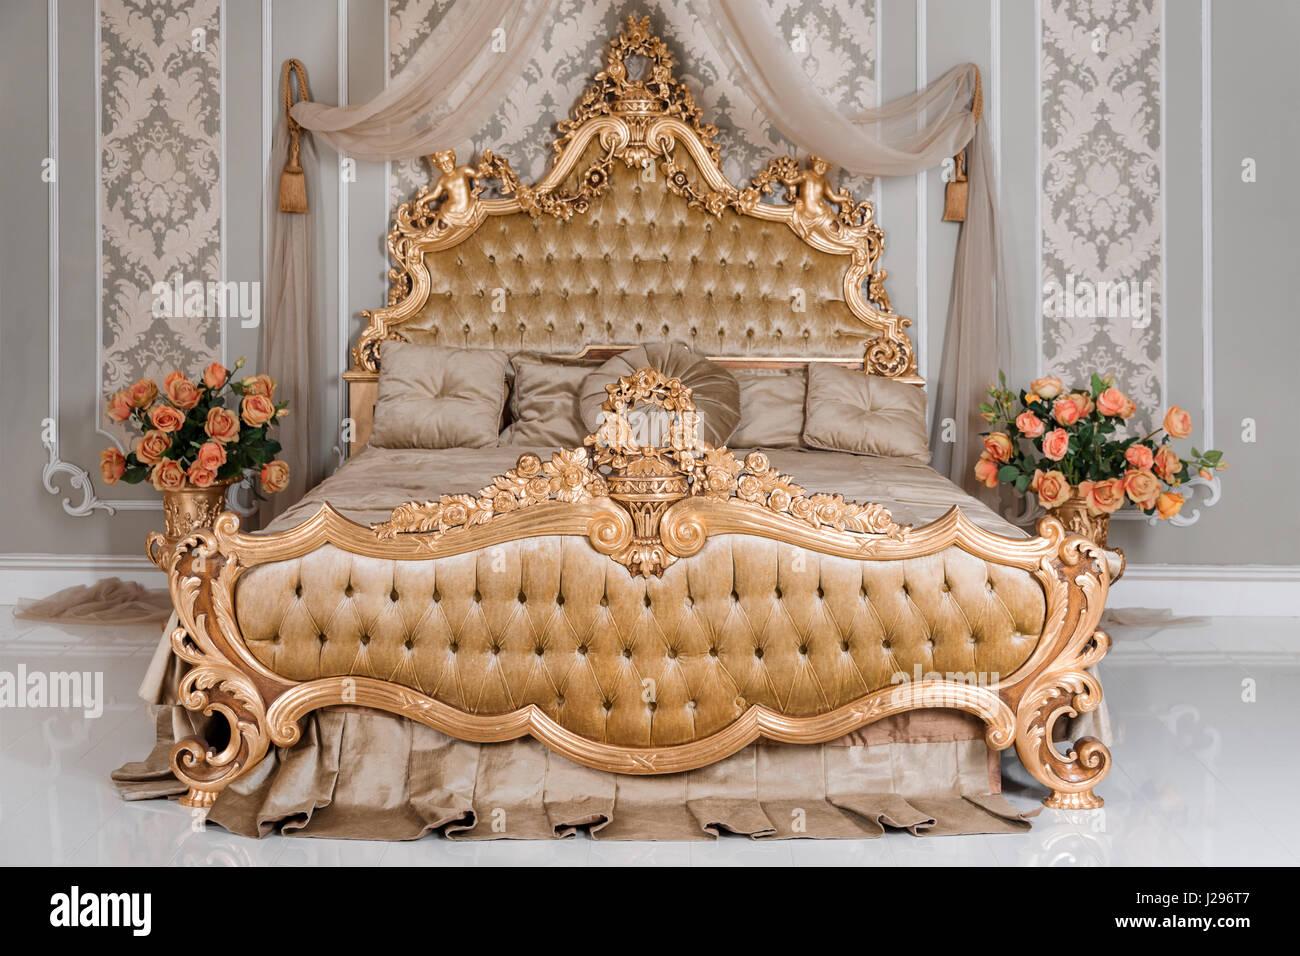 Großartig Klassische Schlafzimmer Farben Fotos - Die Designideen für ...